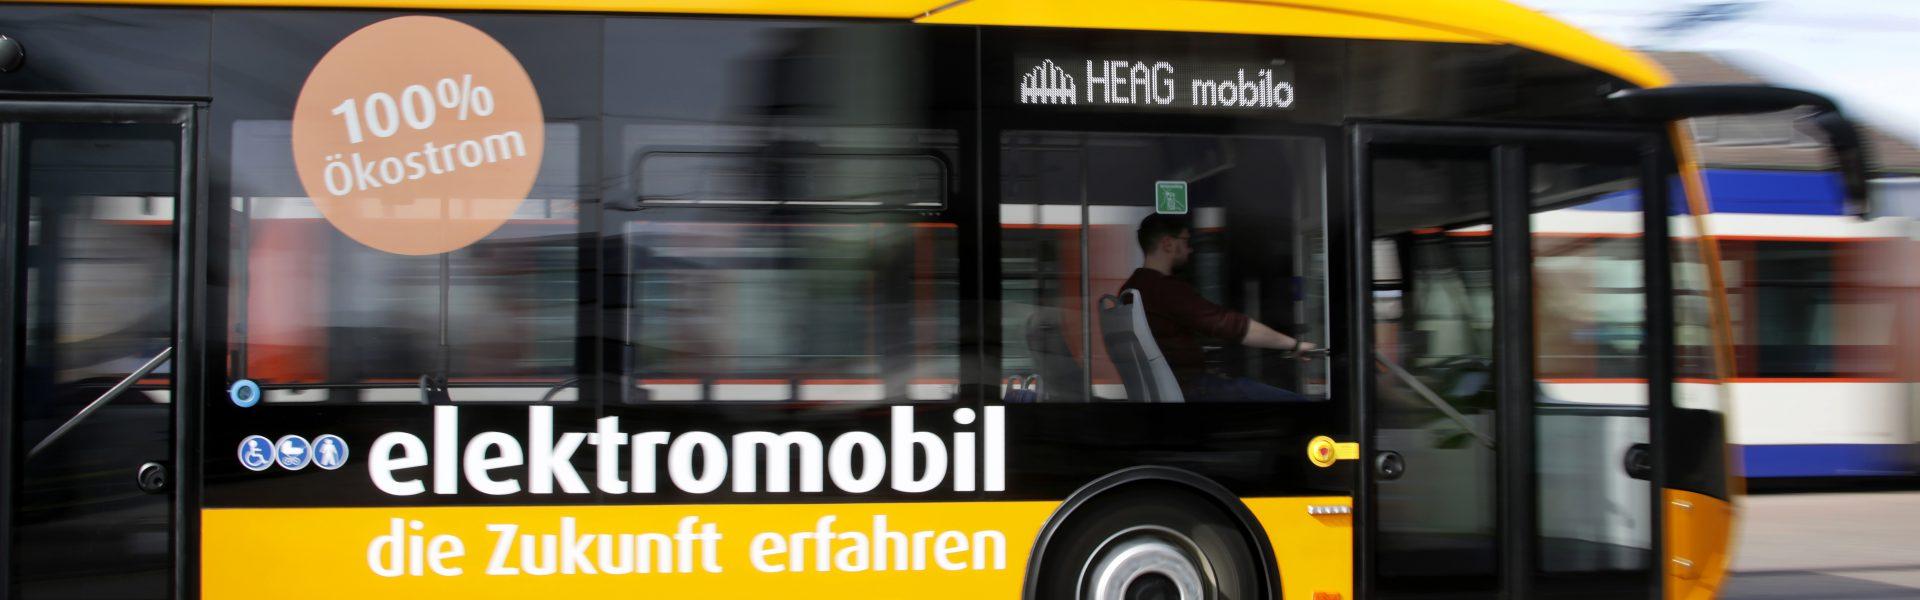 Header Bild HEAG mobilo nimmt ersten Elektrobus für Darmstadt in Betrieb